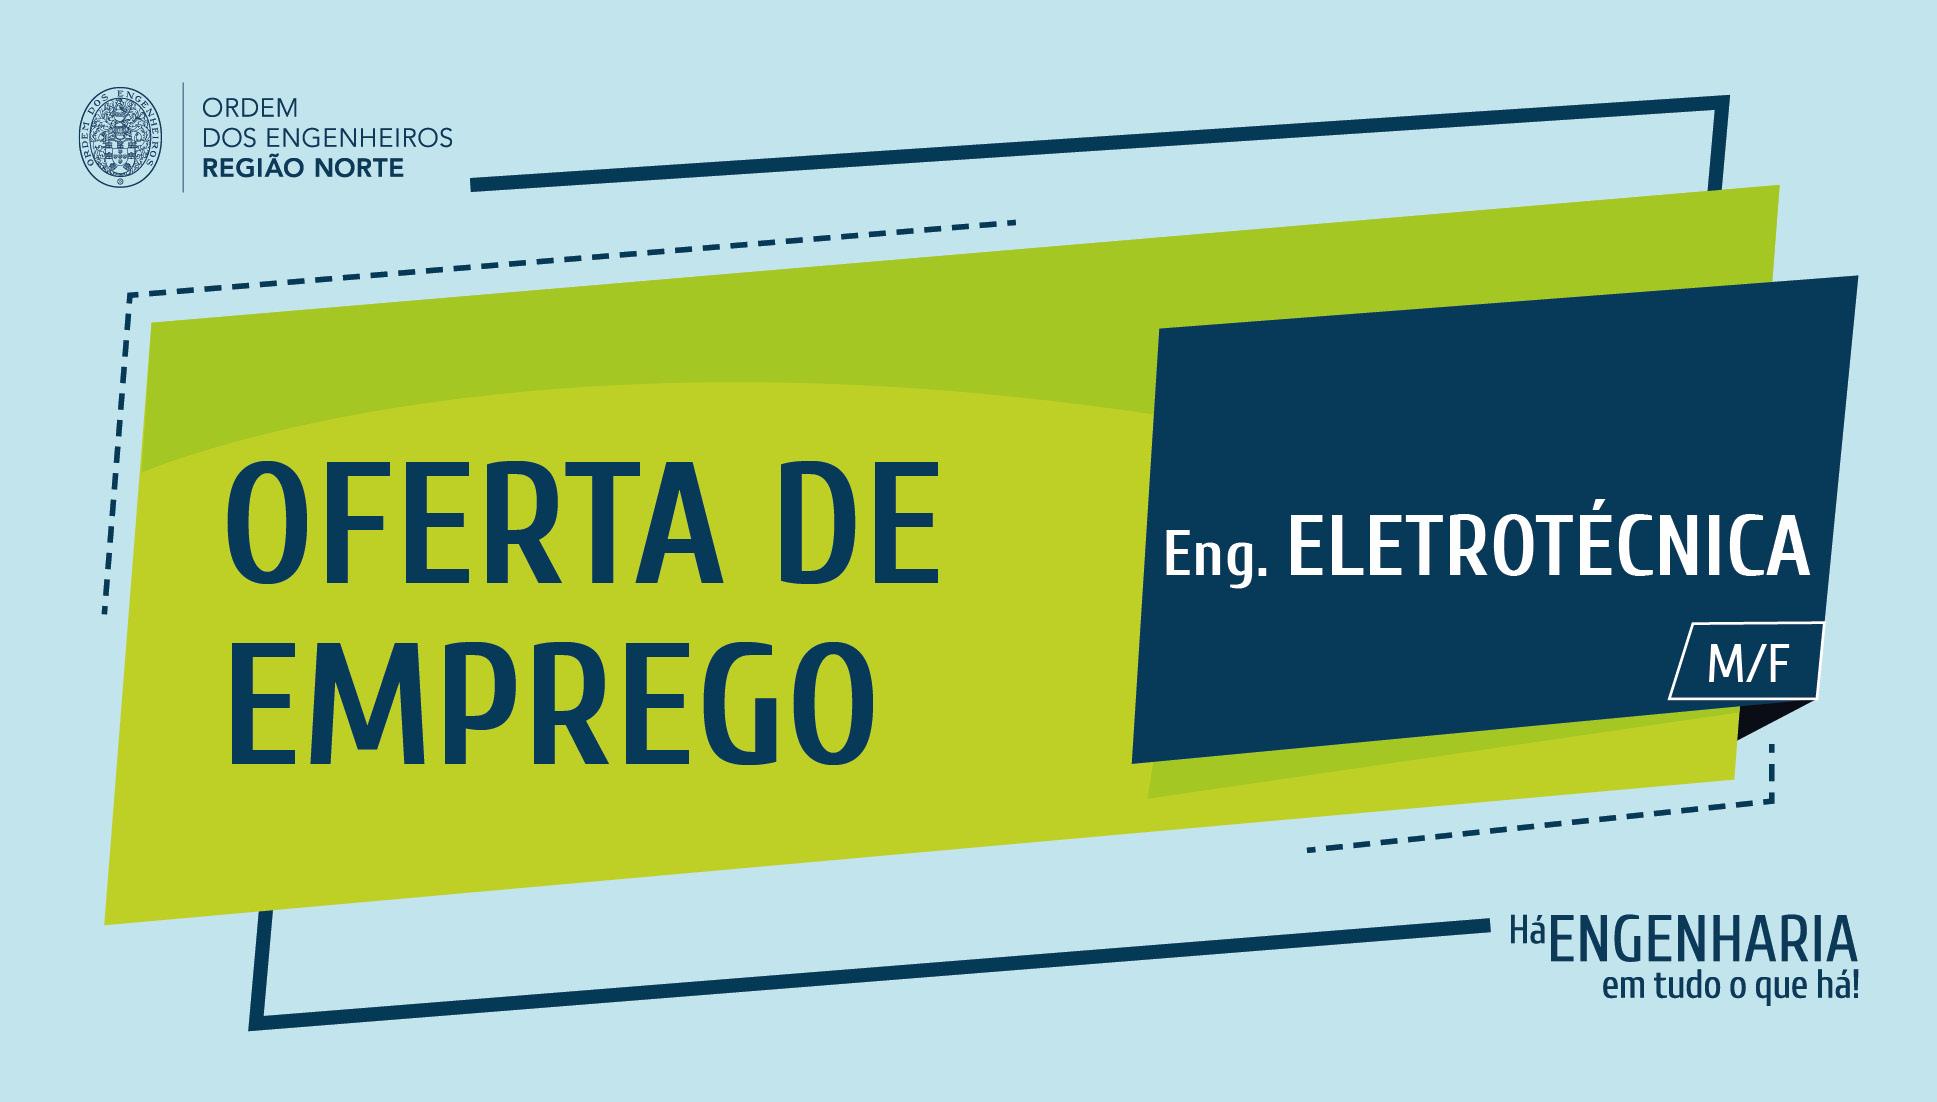 Plataforma Notícias Ordem Engenheiros Região Norte - [Emprego] Grupo EDP recruta engenheiros/as